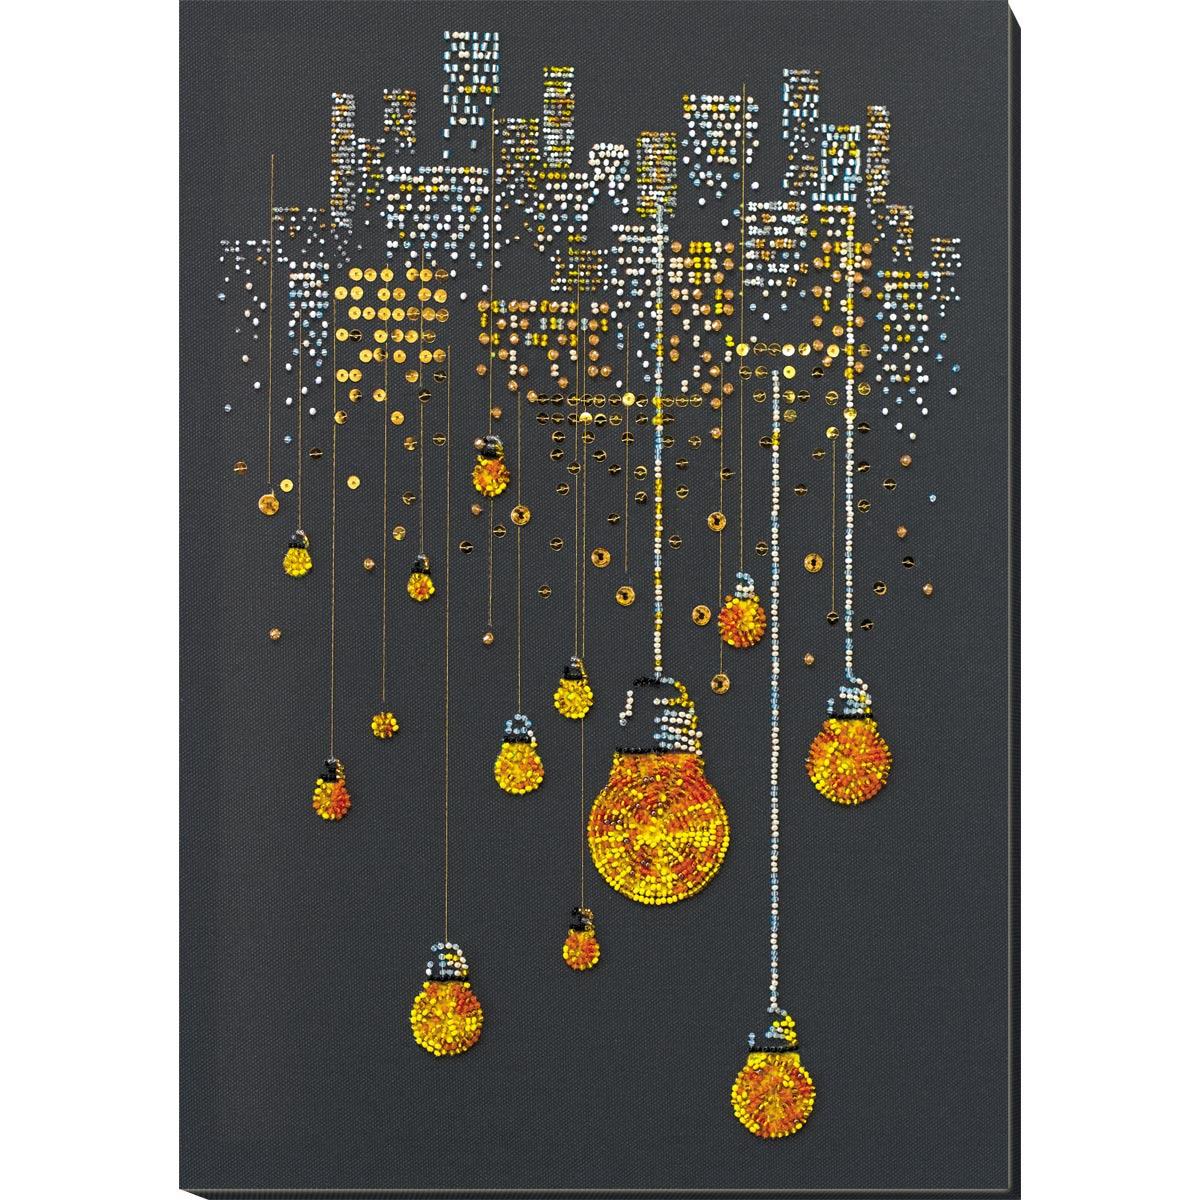 АВ-811 Набор для вышивания бисером 'Ламповый вечер' 29*41см